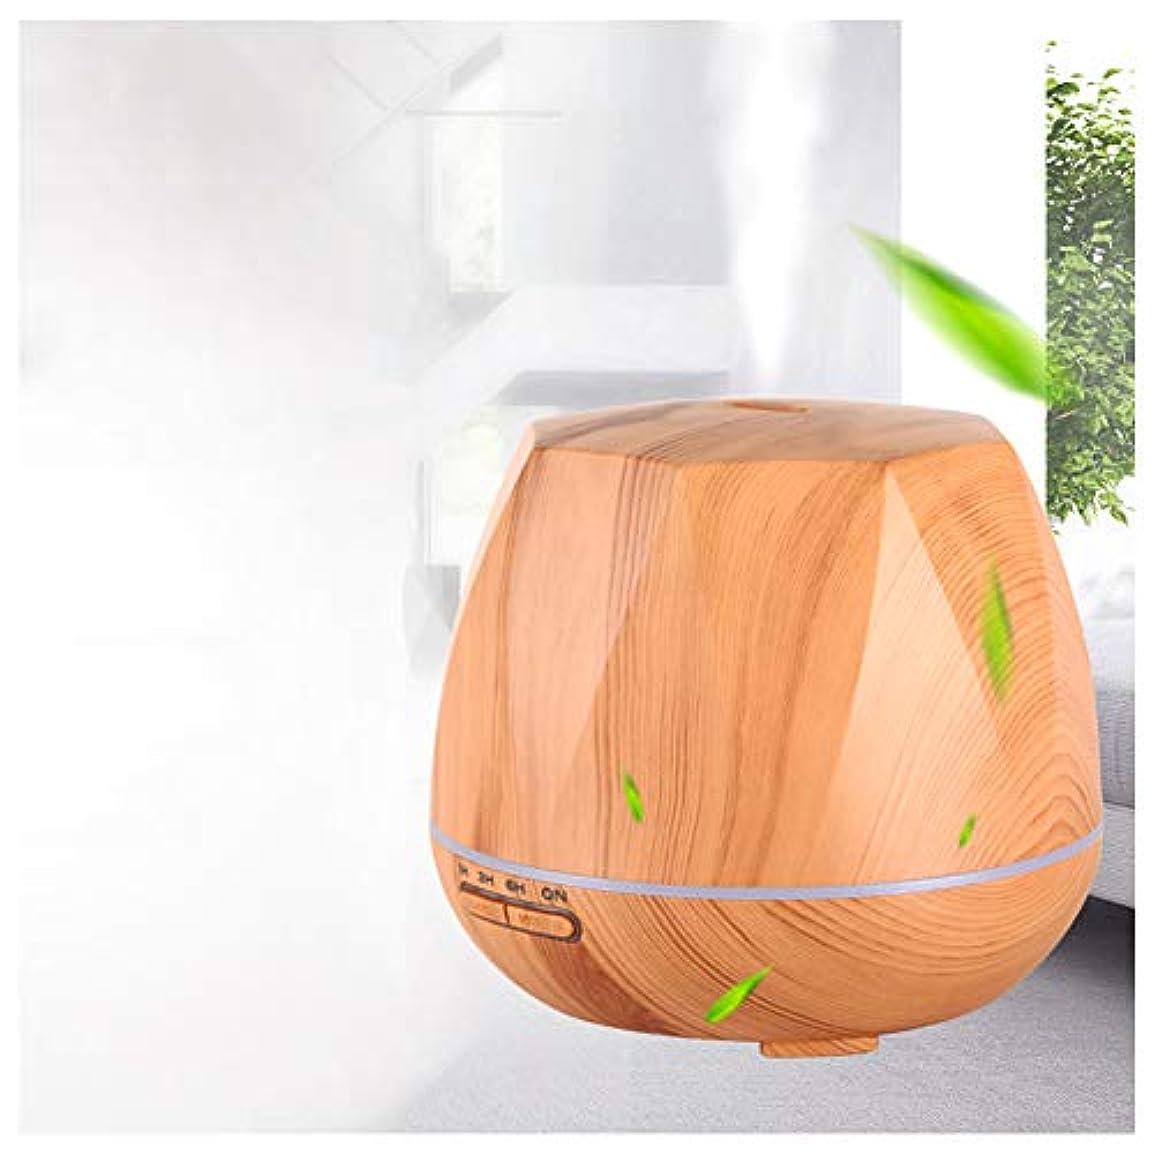 針混乱させるどきどきエッセンシャルオイルディフューザー、高品質400ミリリットル木目超音波アロマセラピーアロマセラピーオイルディフューザー蒸発器加湿器、7色香りランプ、静かな操作、ホームオフィスヨガスパに適